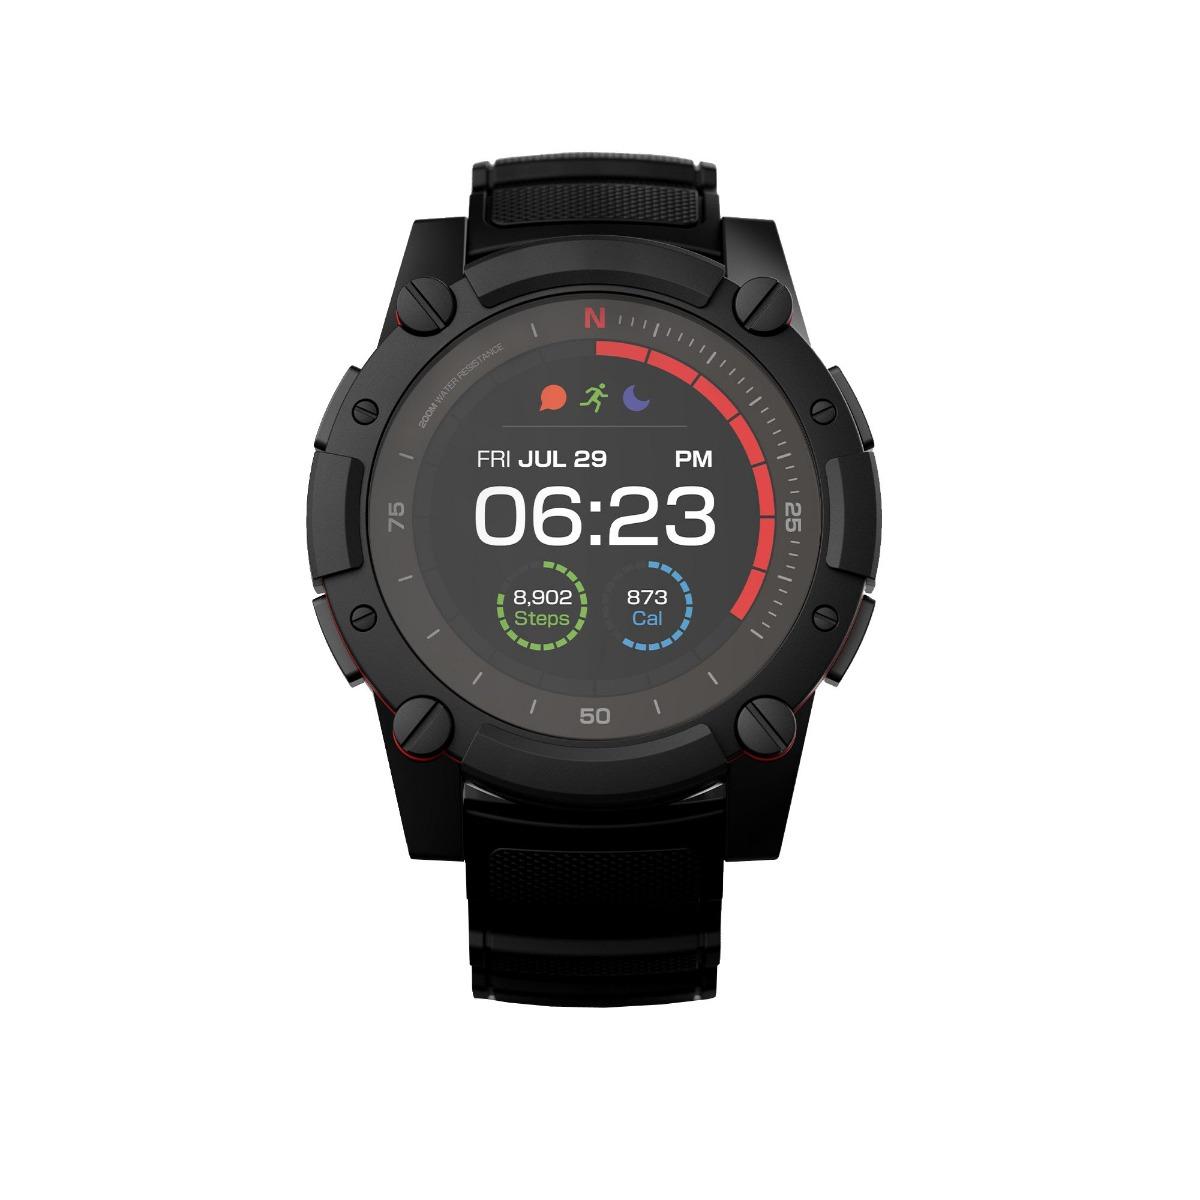 Matrix PowerWatch 2 — спортивные часы с датчиком ЧСС и модулем GPS, которые не требуют подзарядки